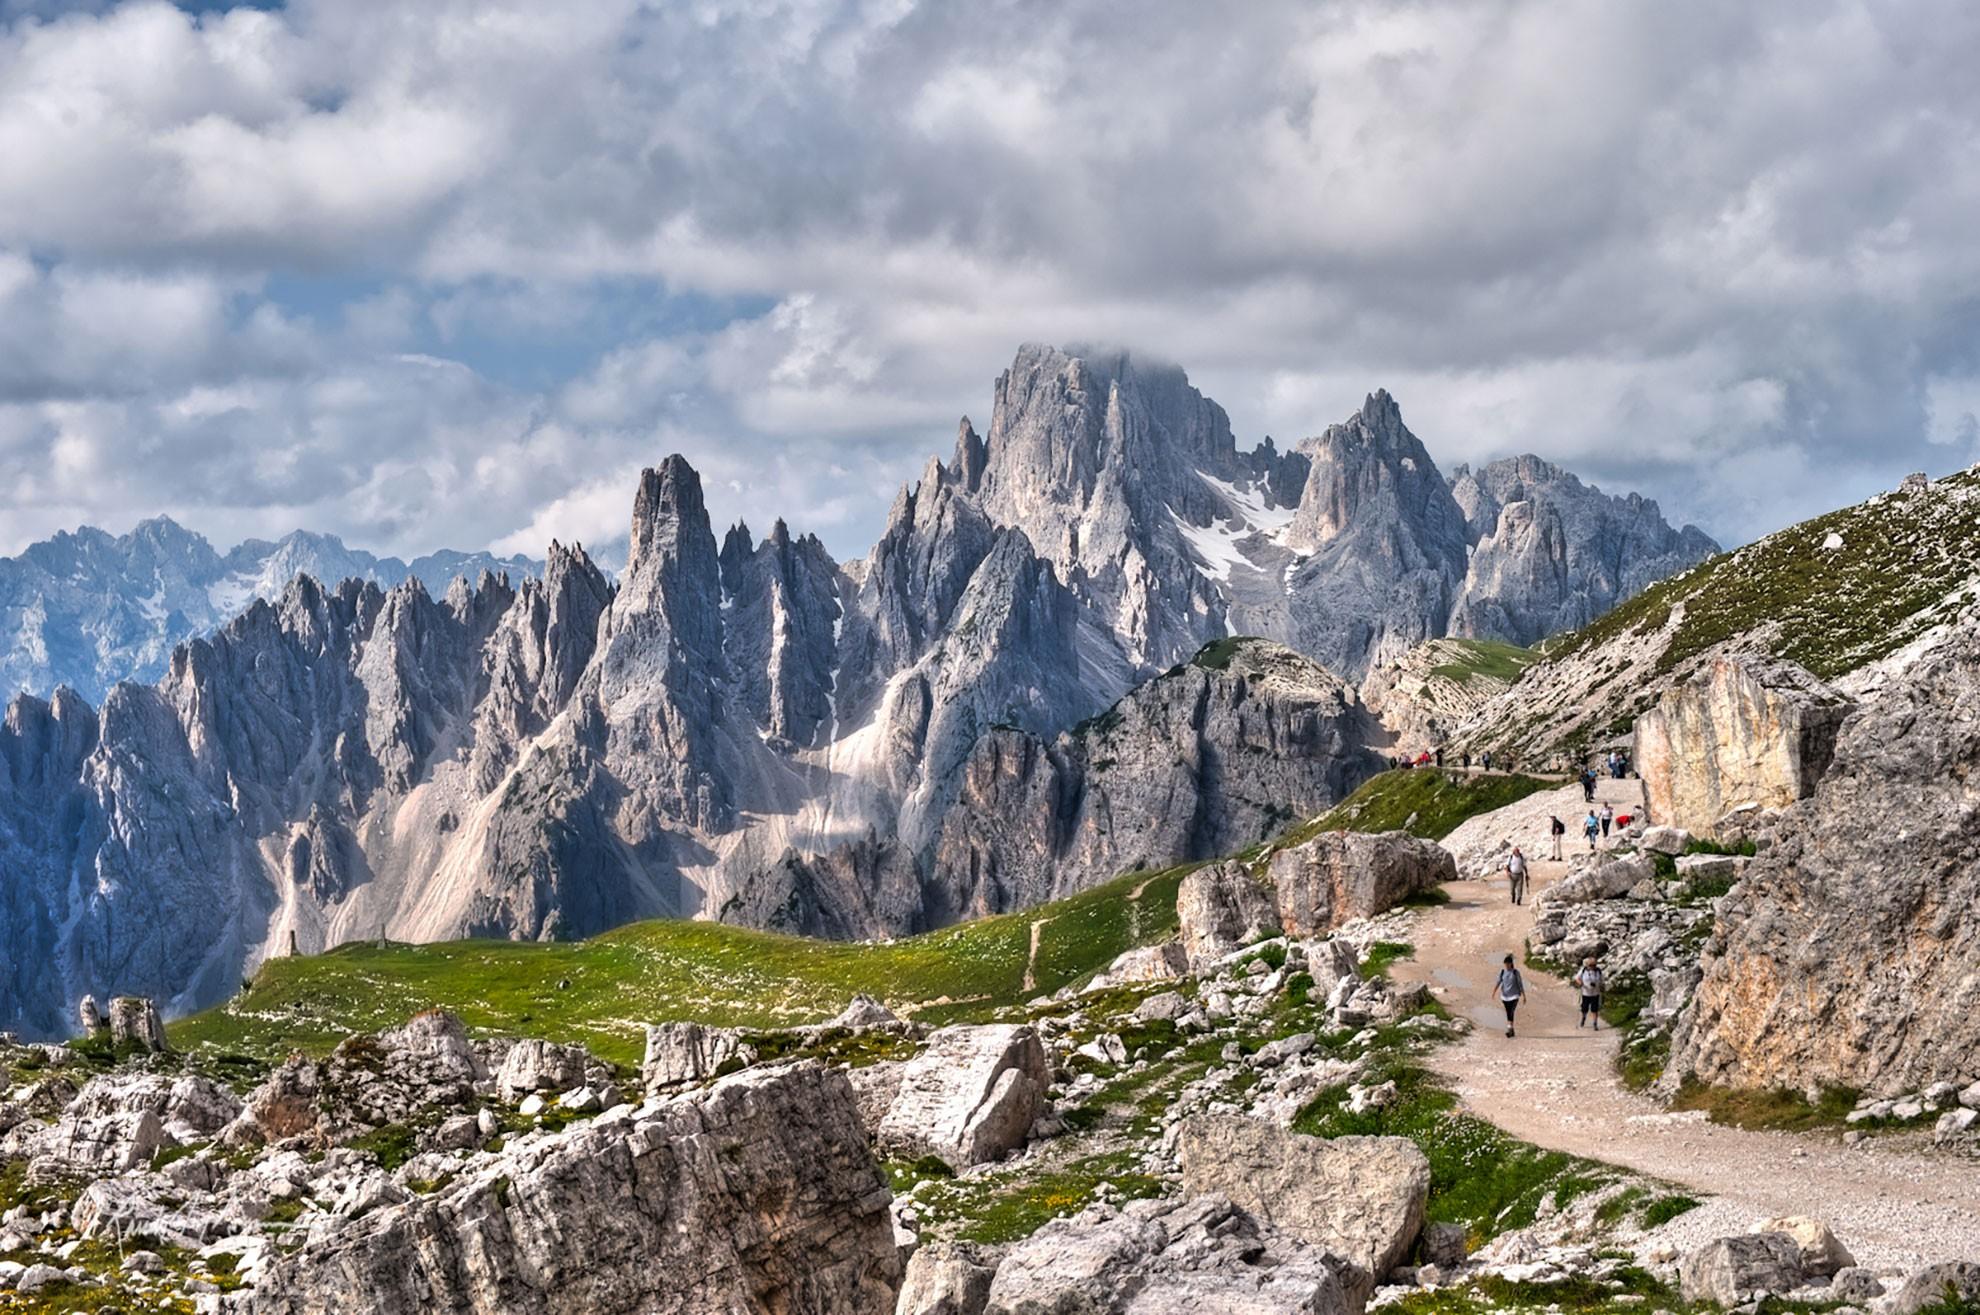 Hiking And Via Ferrata Tour Alta Badia Dolomite Mountains